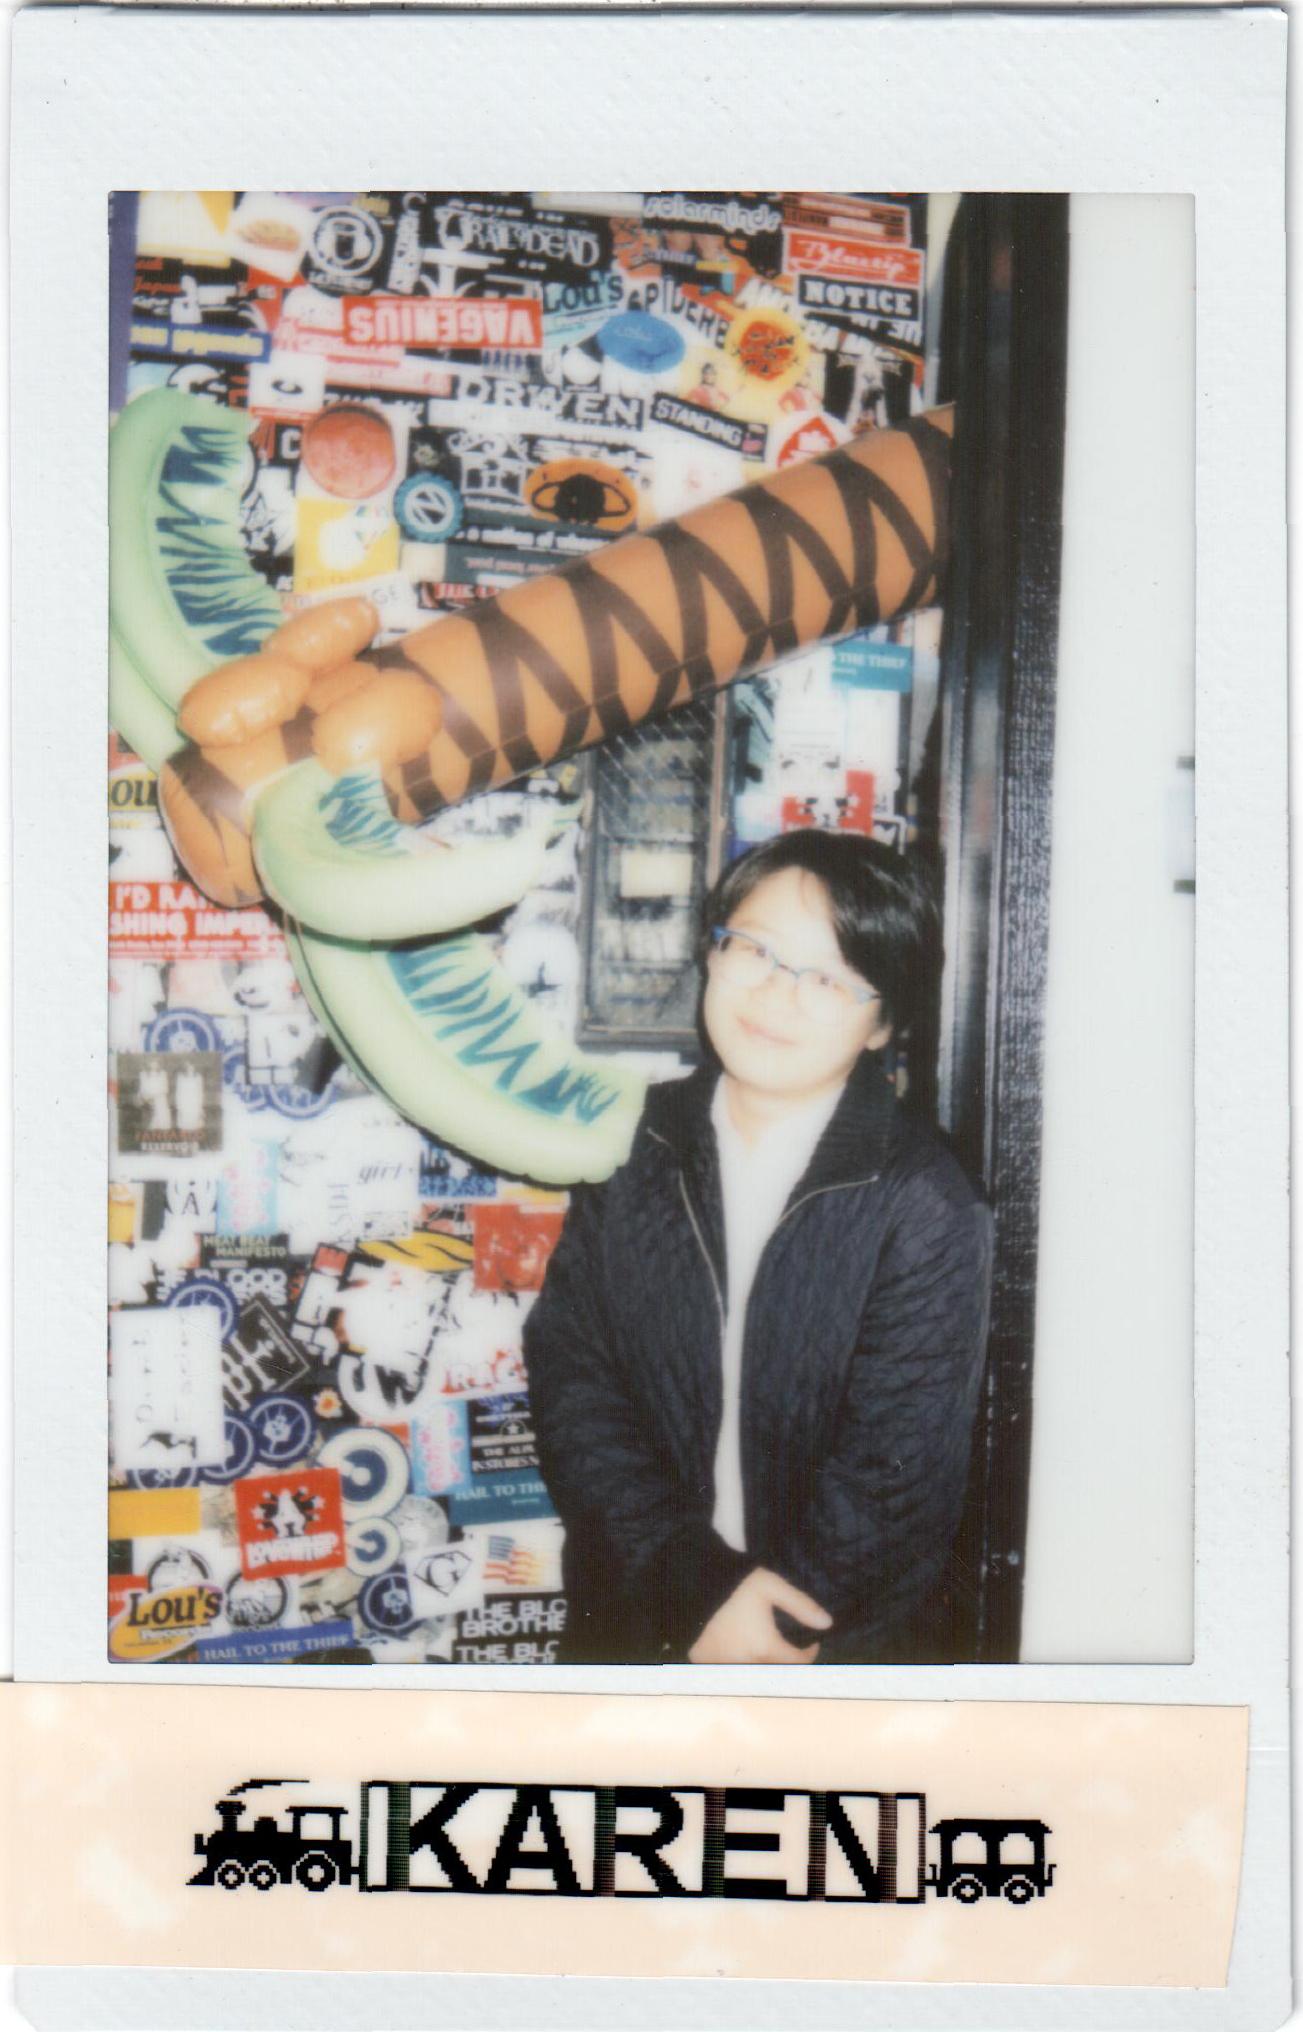 Promotions - Karen Liou